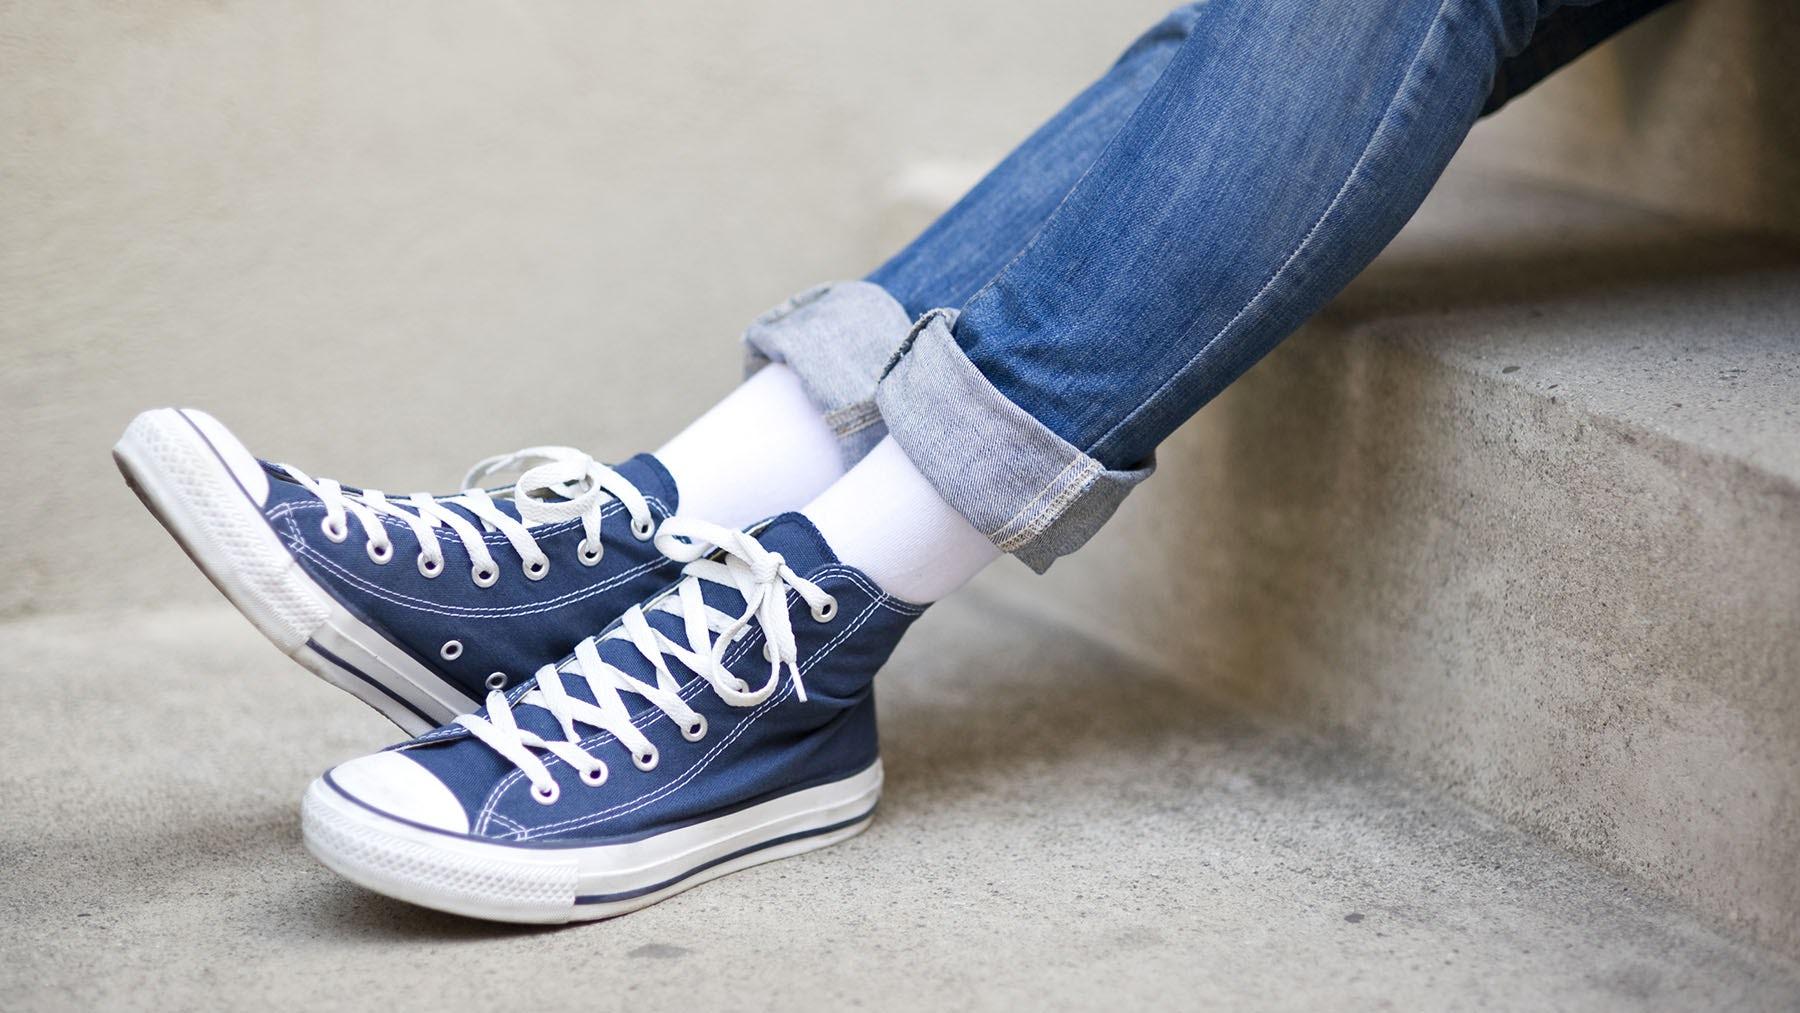 Skinny jeans   Source: Shutterstock